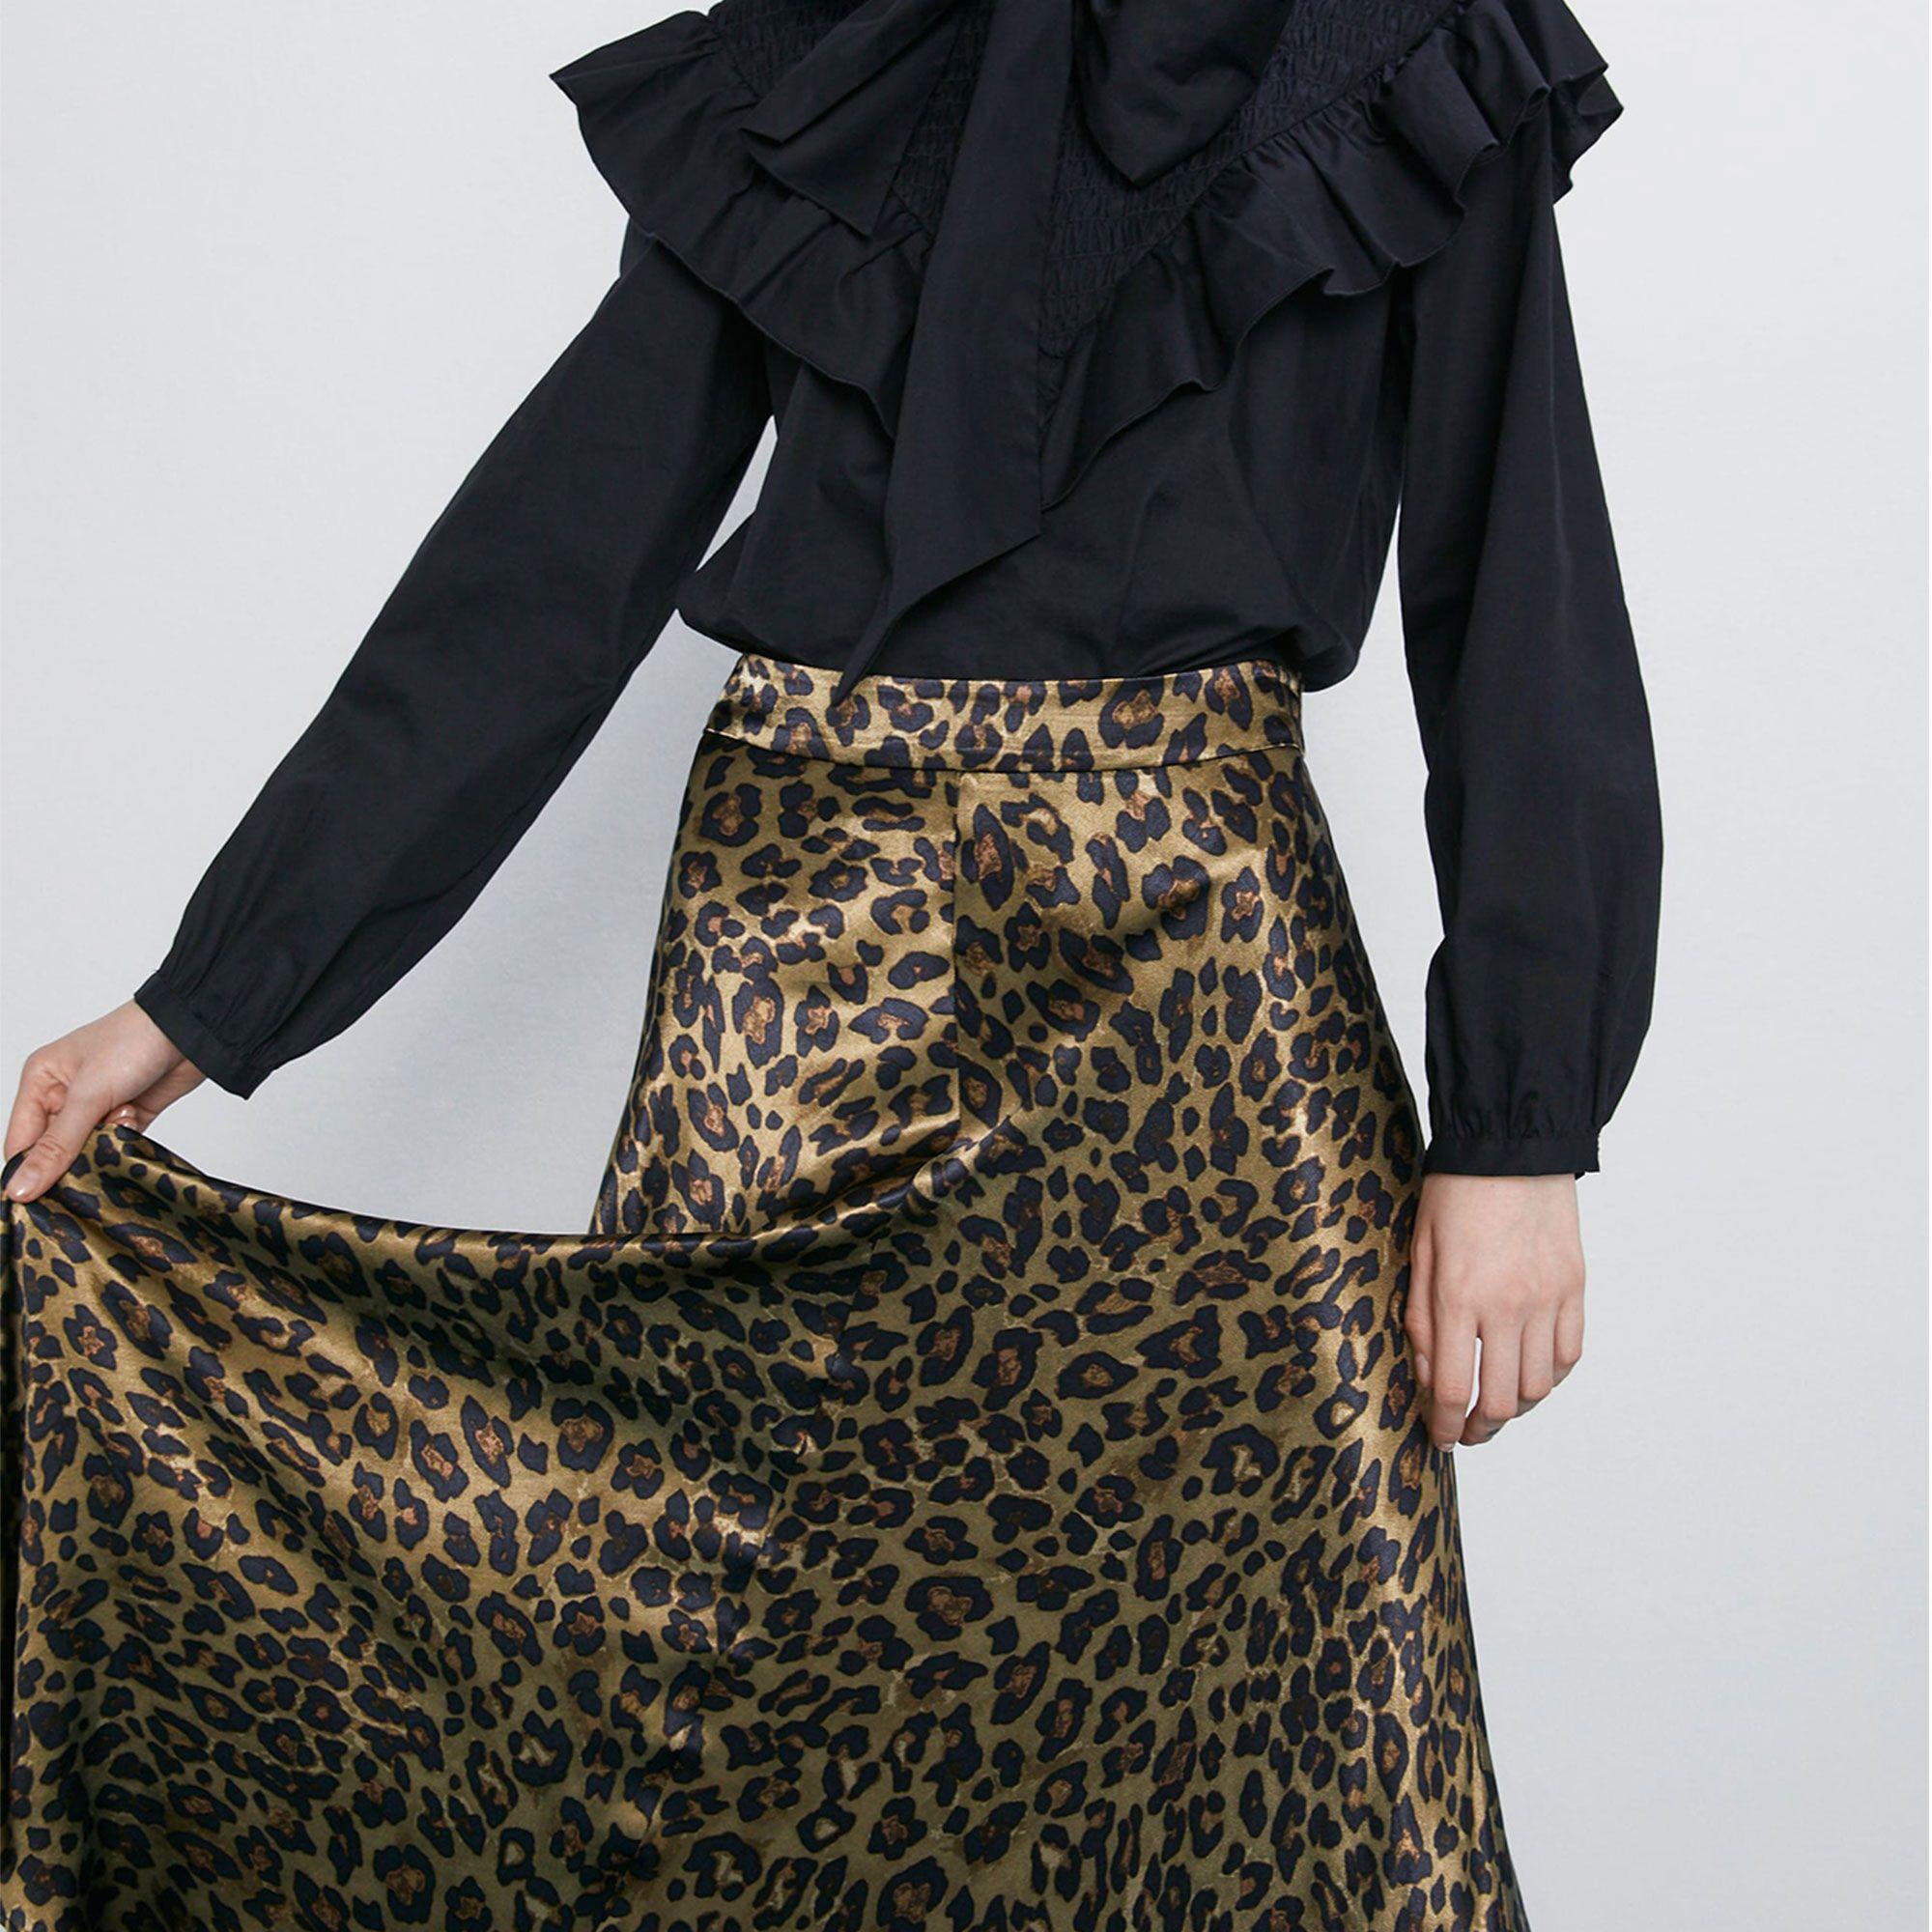 La falda larga con estampado de leopardo de Zara para arrasar